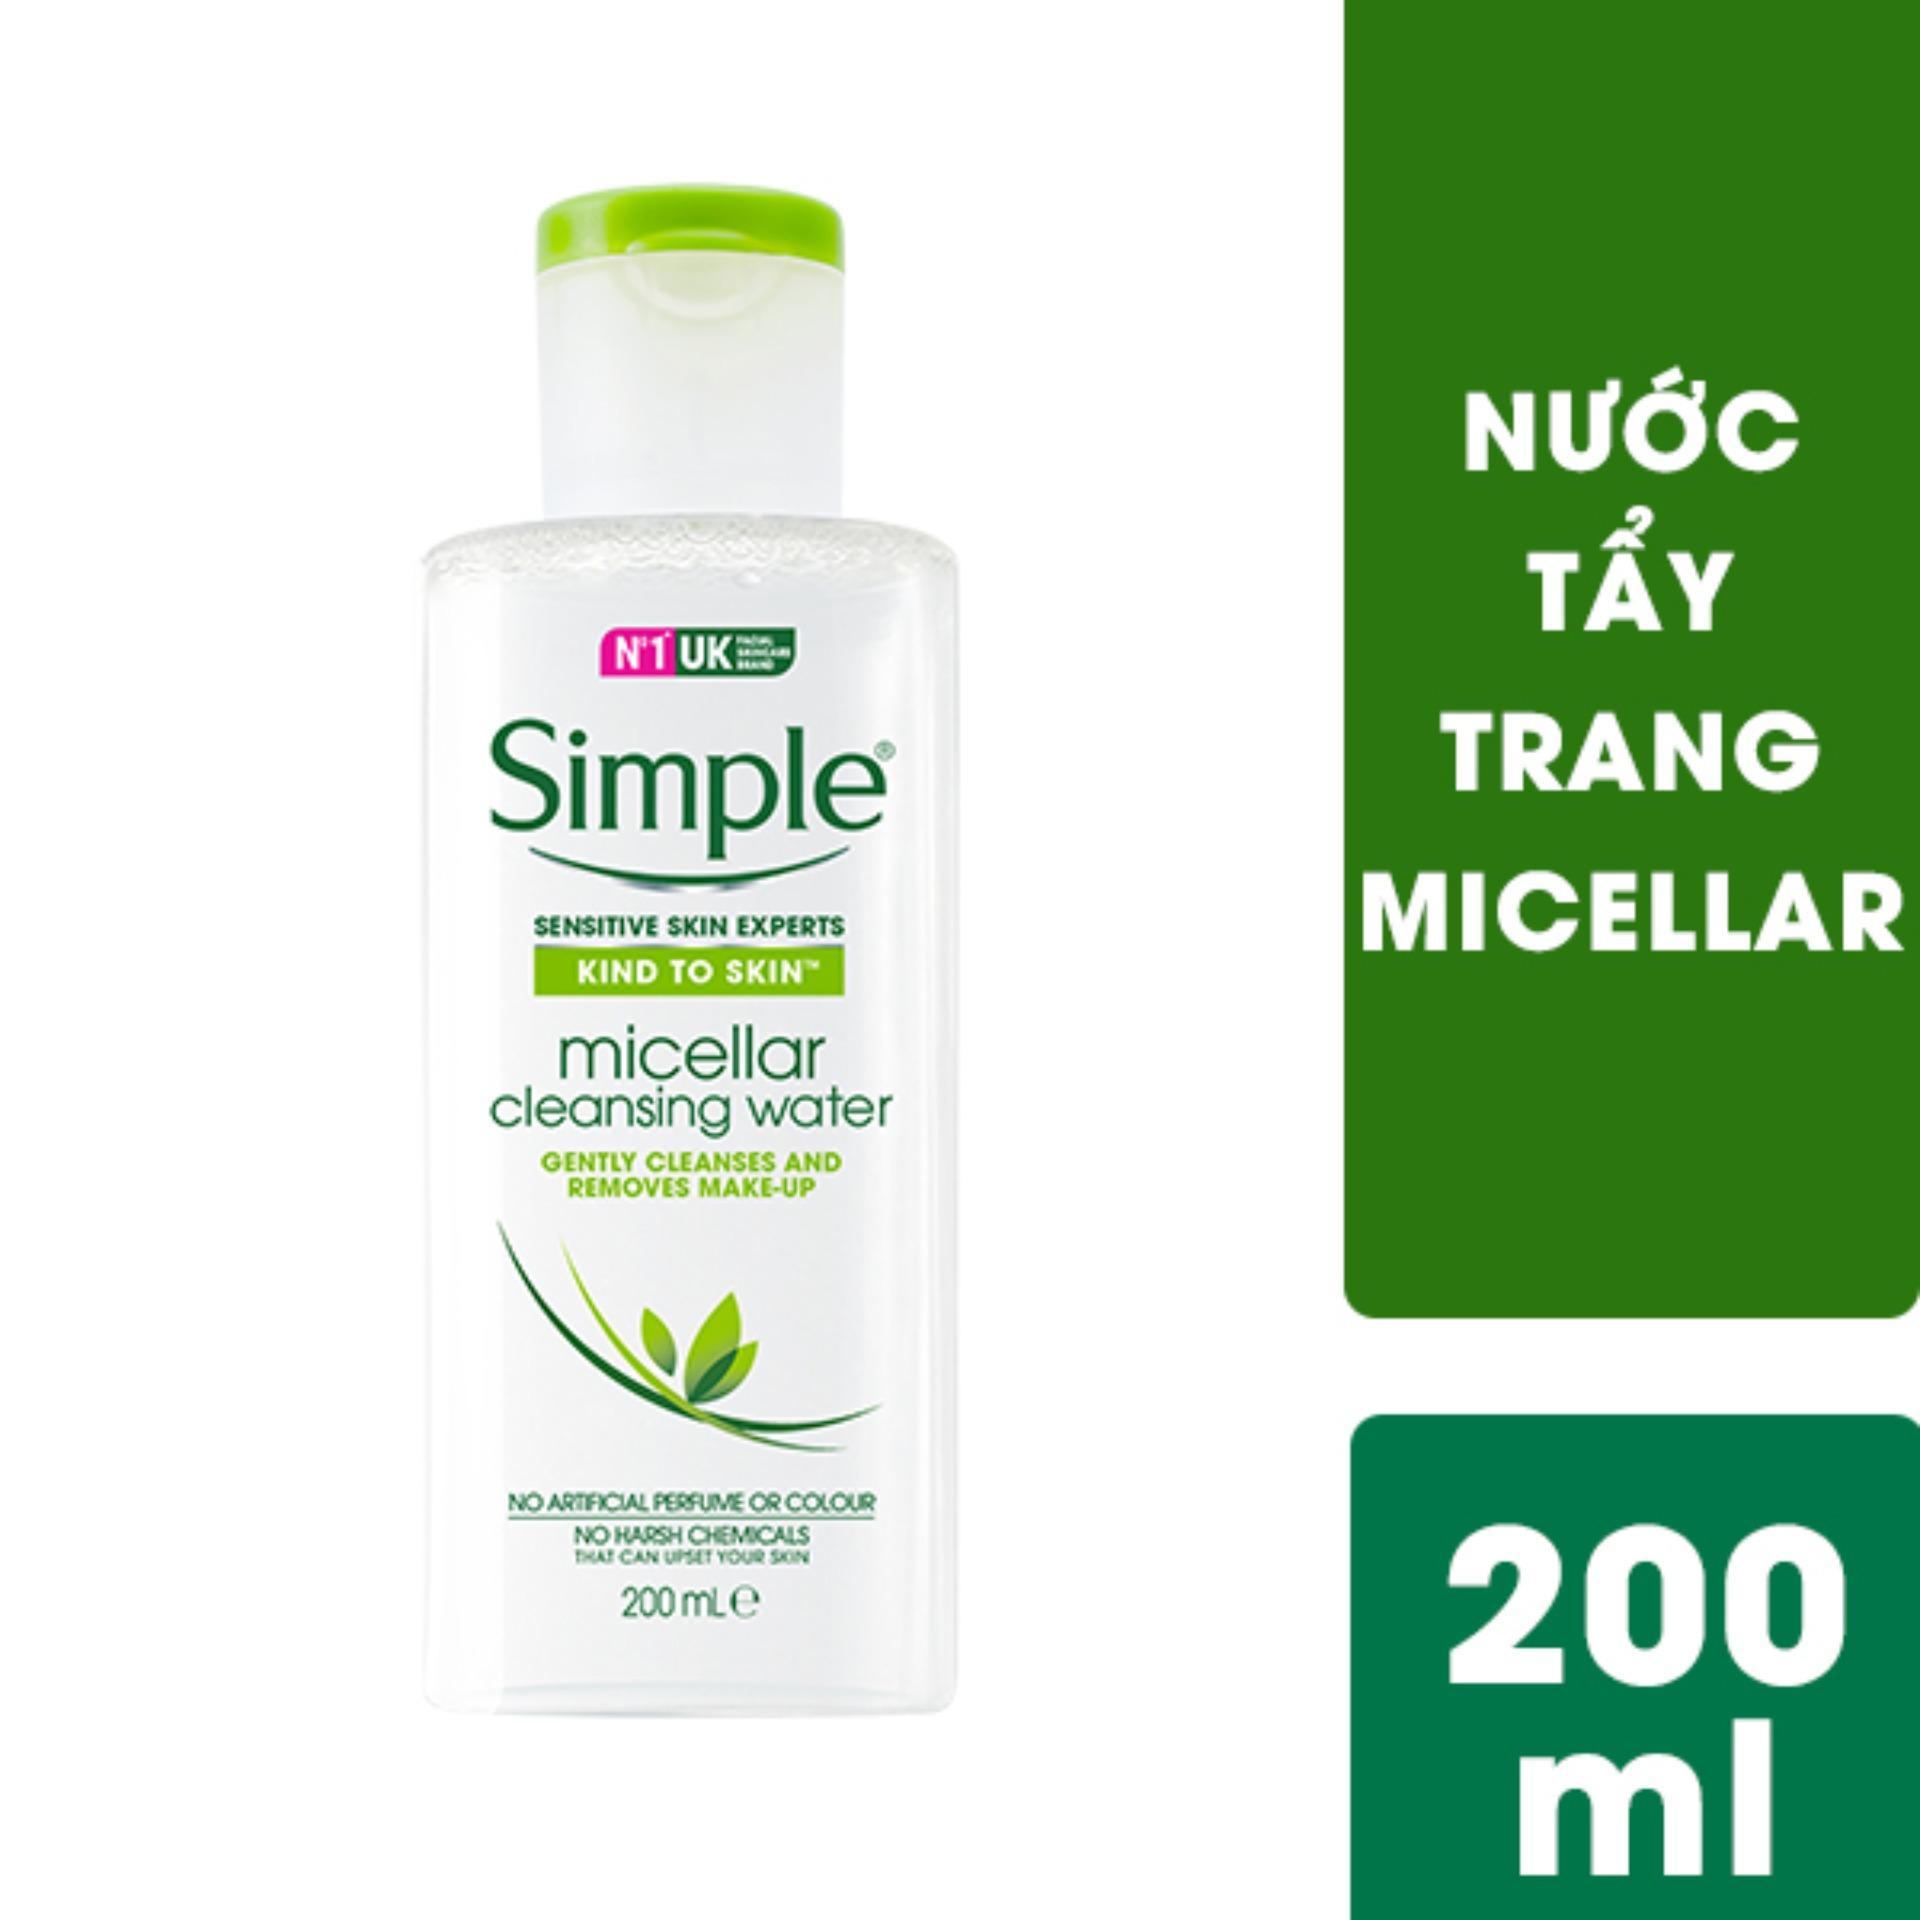 Nước tẩy trang Micellar Simple 200ml